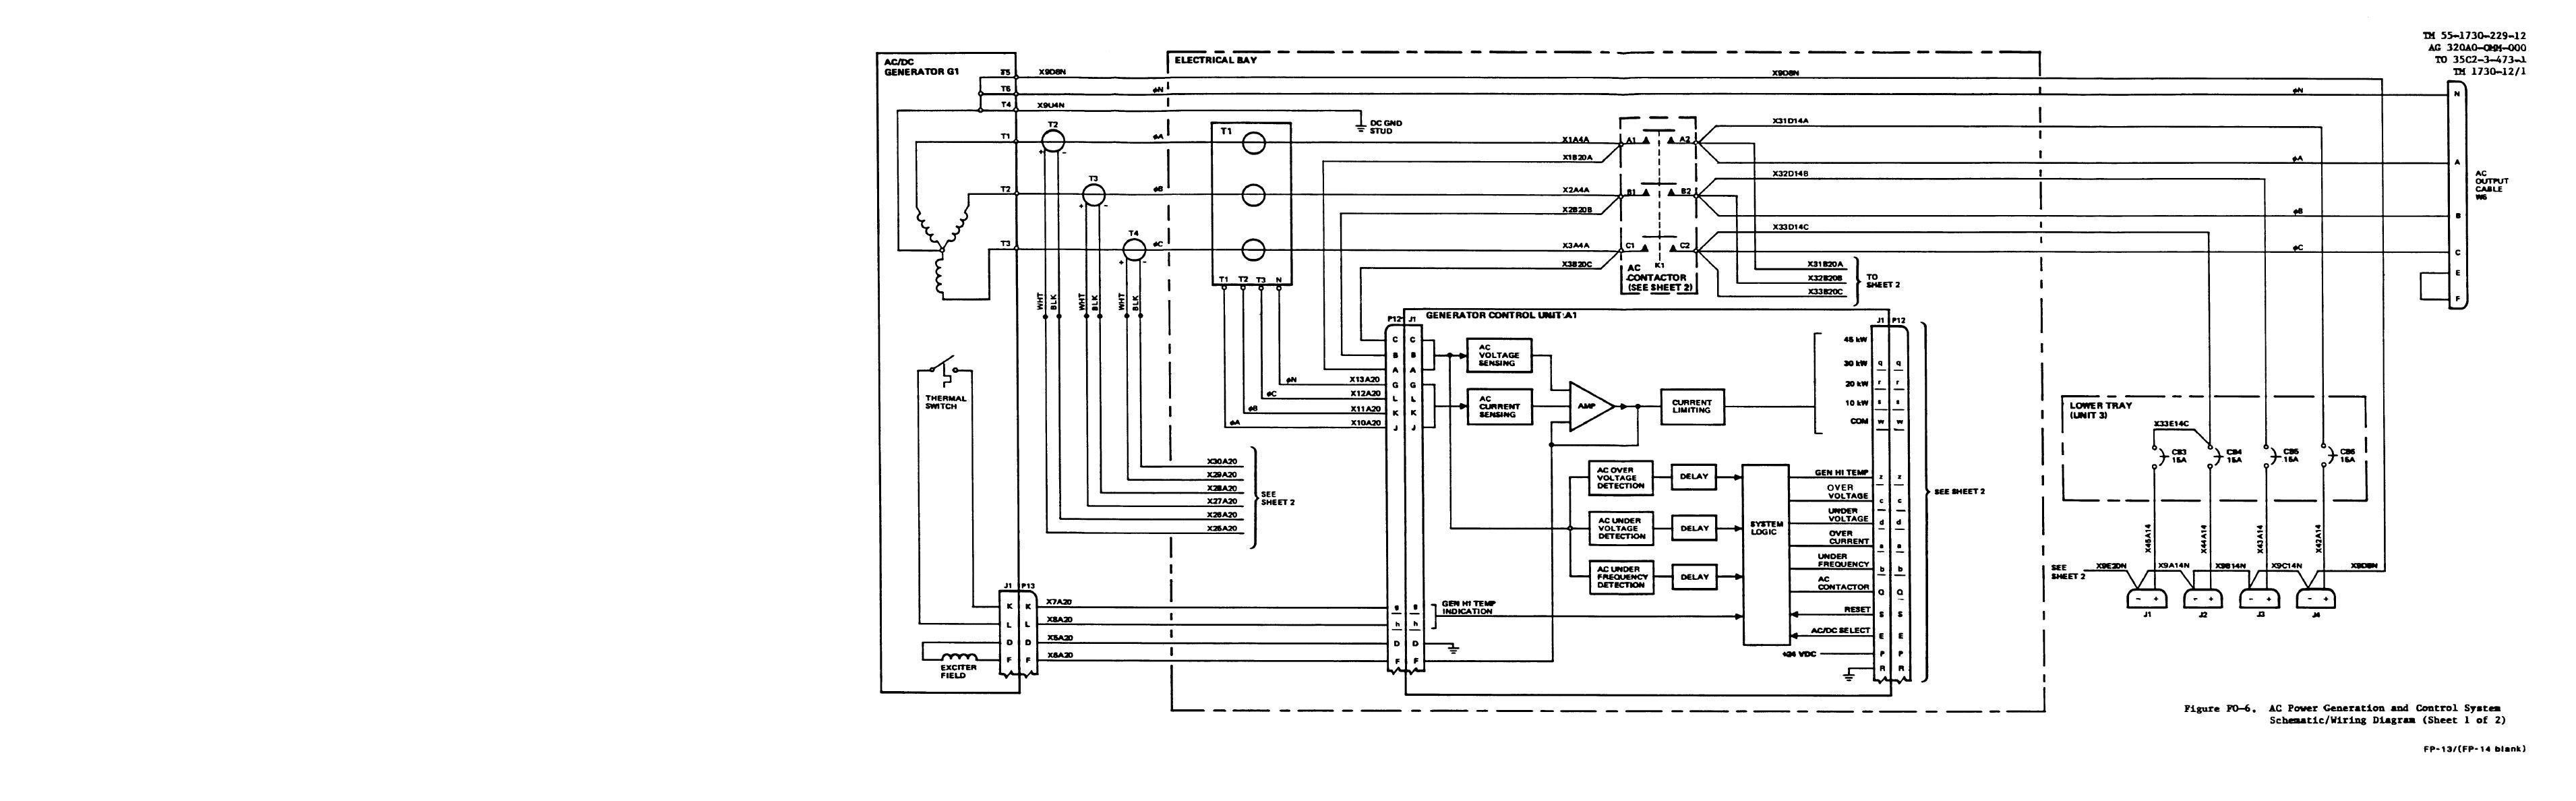 1998 dodge caravan radio wiring diagram triumph bonneville t140 drum kes auto parts